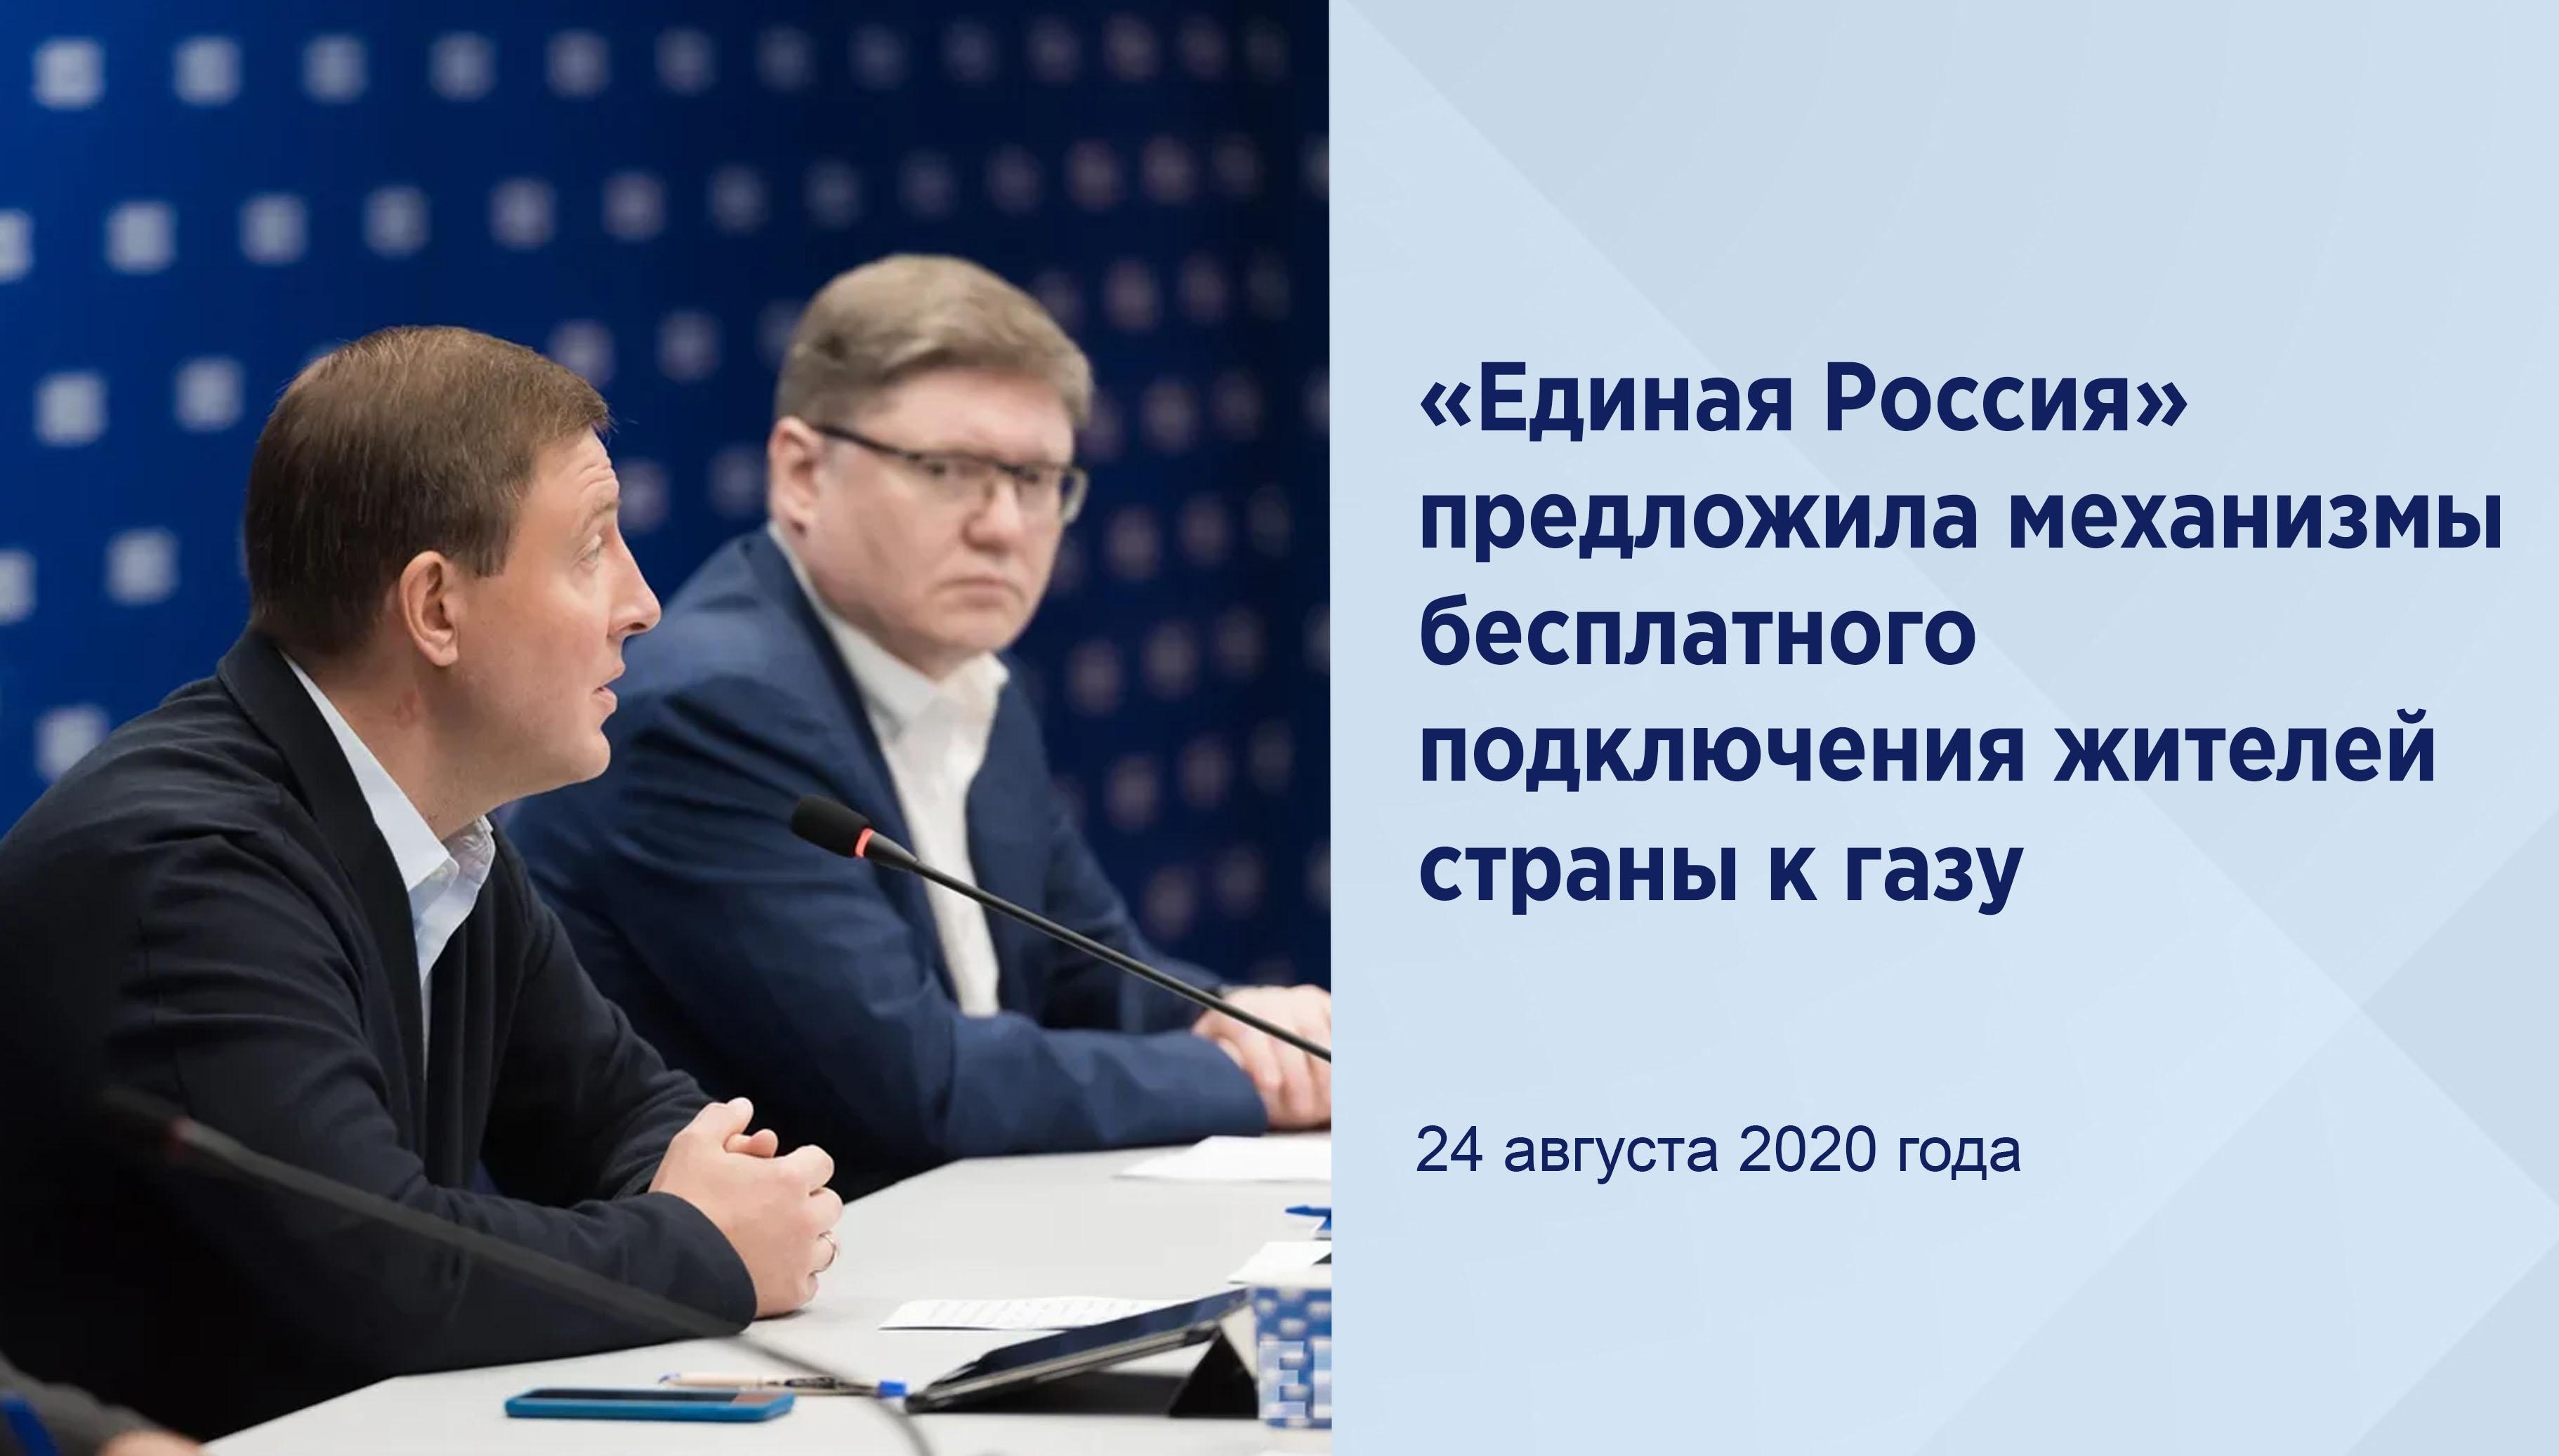 «Единая Россия» предложила механизмы бесплатного подключения жителей страны к газу